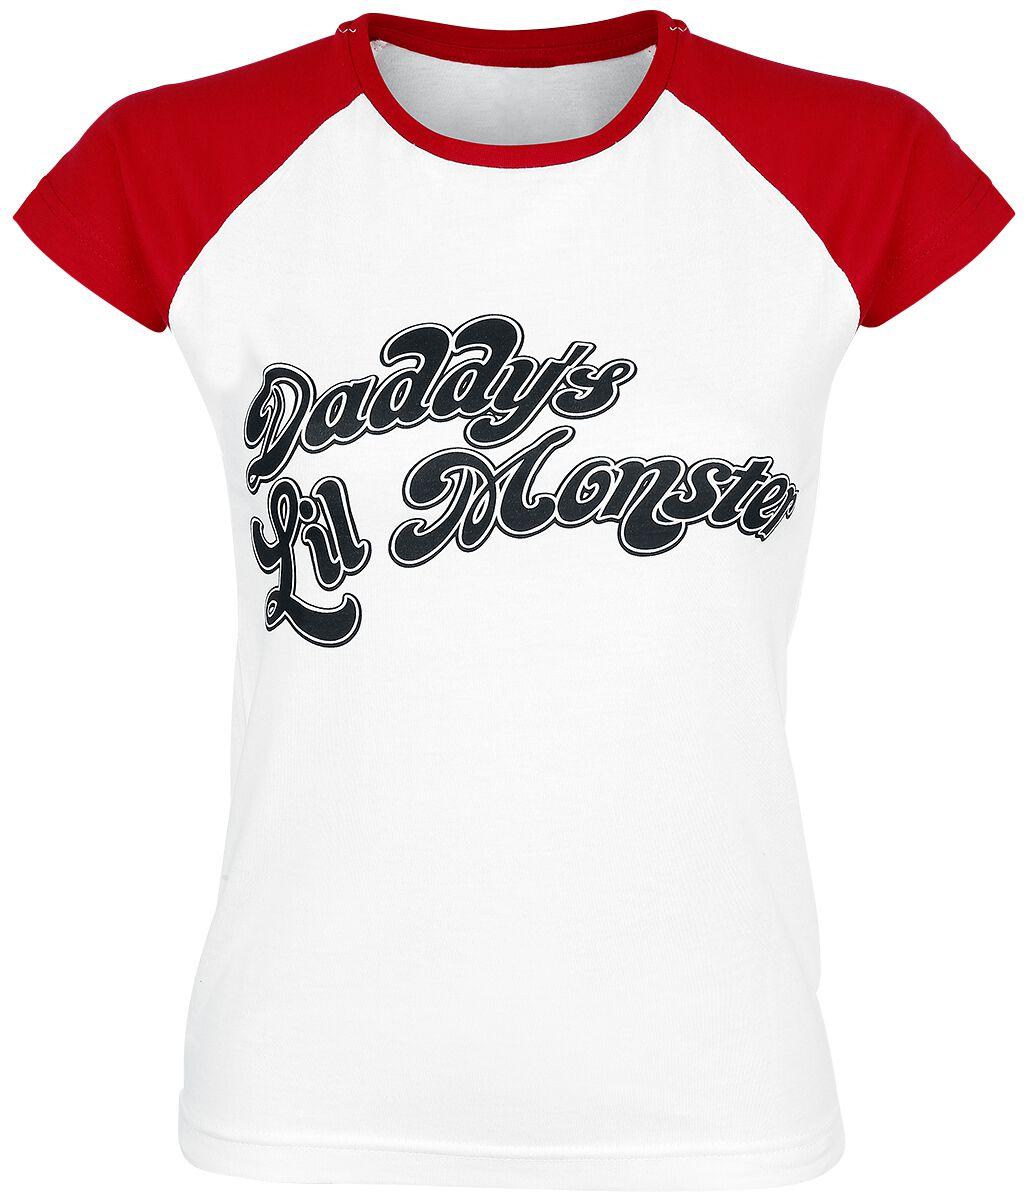 Image of   Suicide Squad Harley Quinn - Daddy's Little Monster Girlie trøje hvid-rød